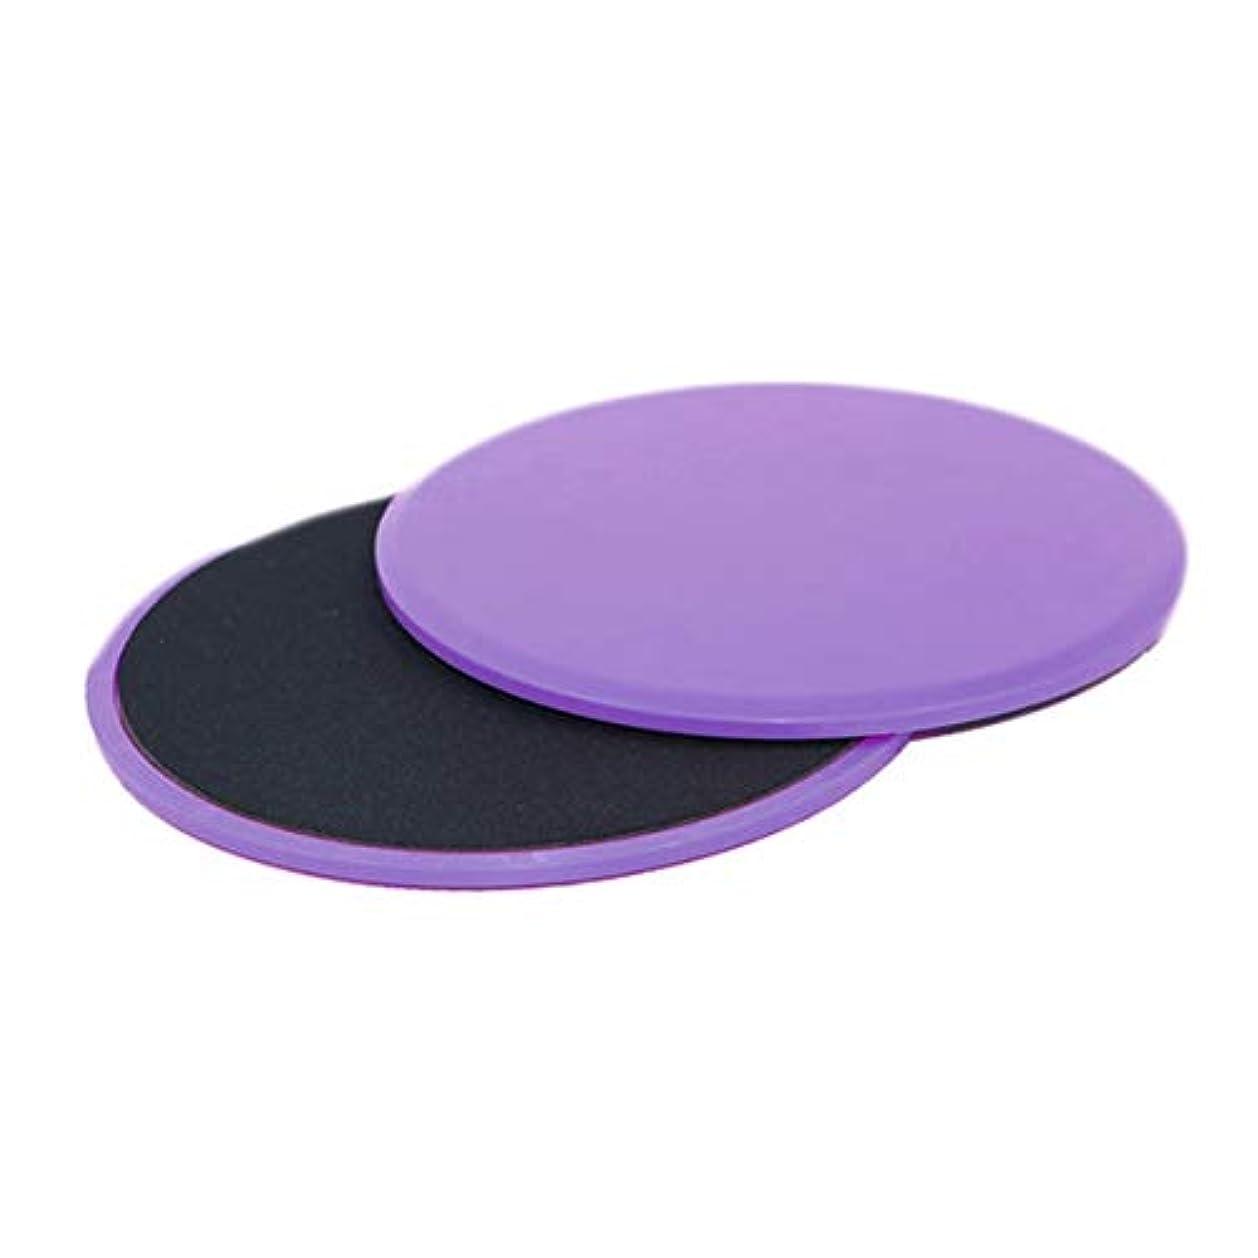 事務所移行するペルーフィットネススライドグライディングディスク調整能力フィットネスエクササイズスライダーコアトレーニング腹部と全身トレーニング - パープル